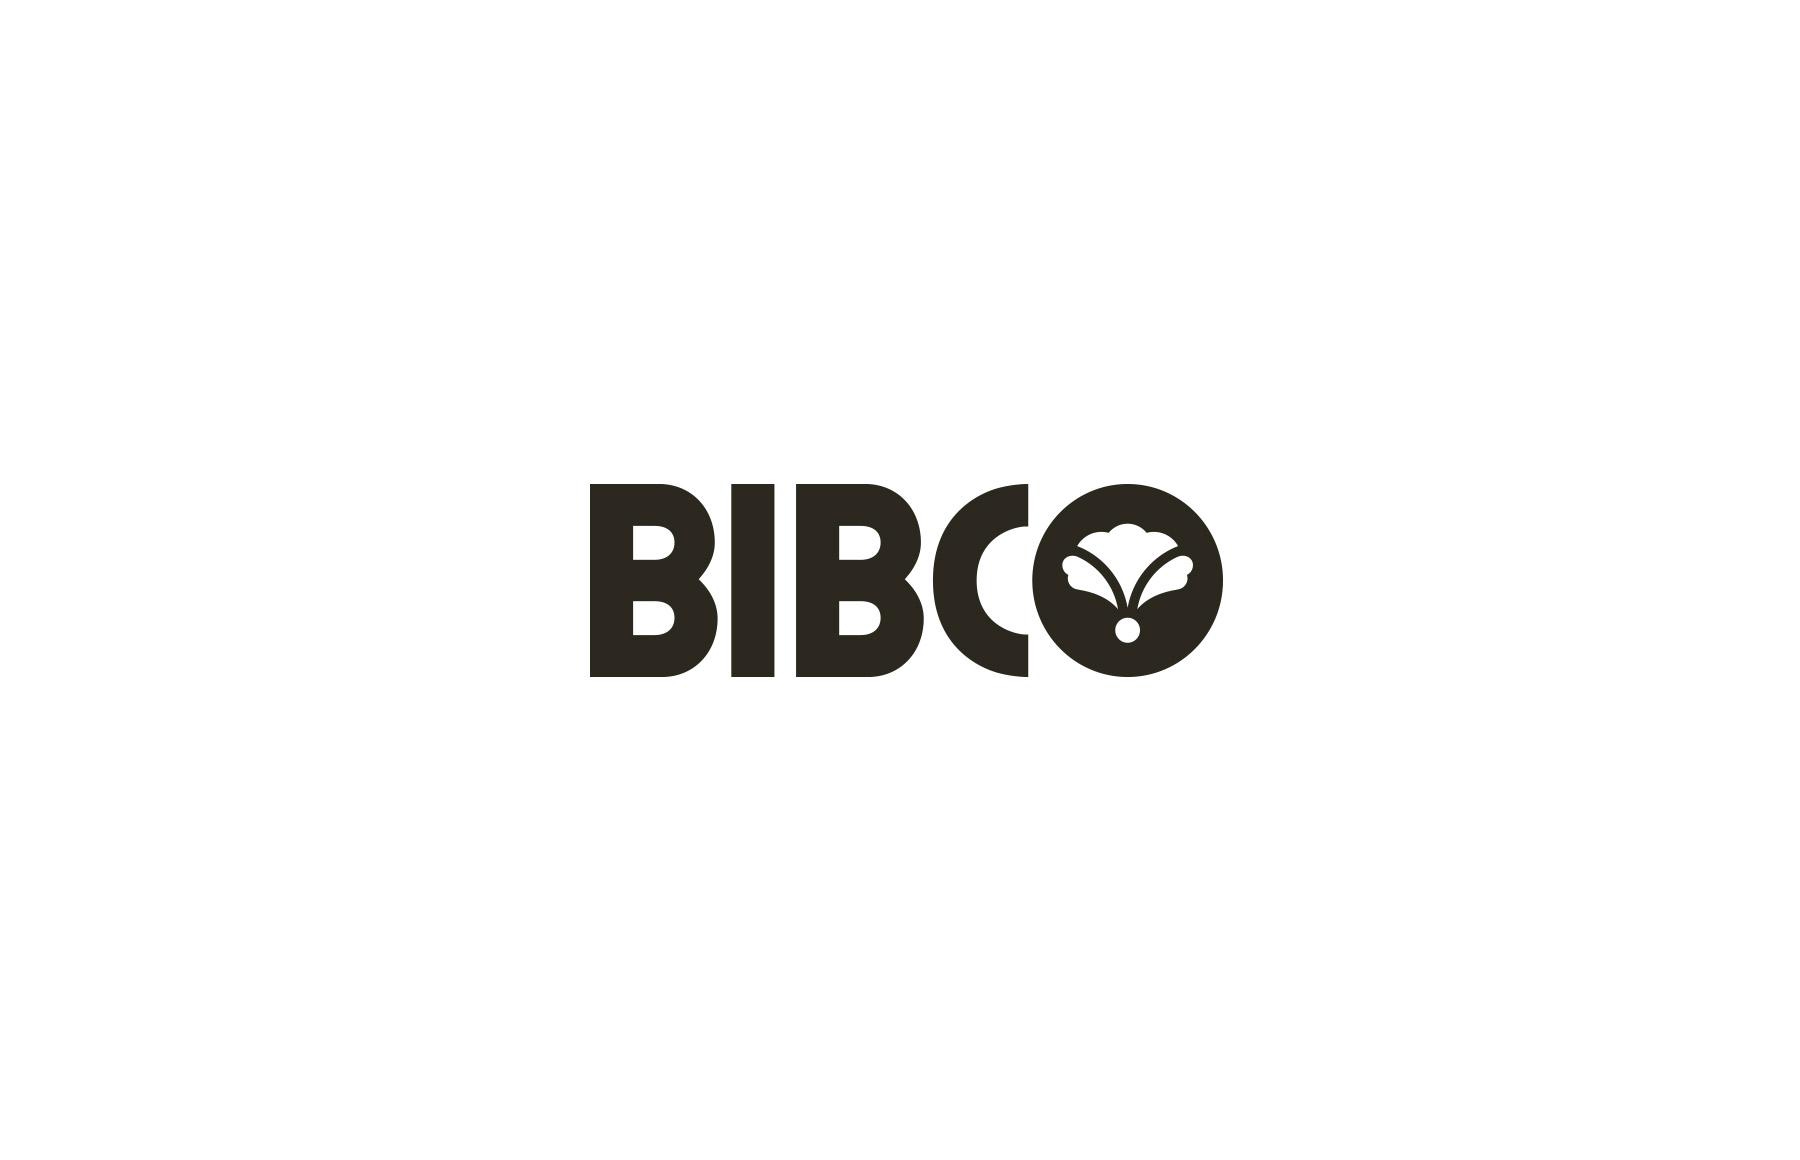 berman_brand_group_joshua_berman_brand_identity_logo_bibco.jpg